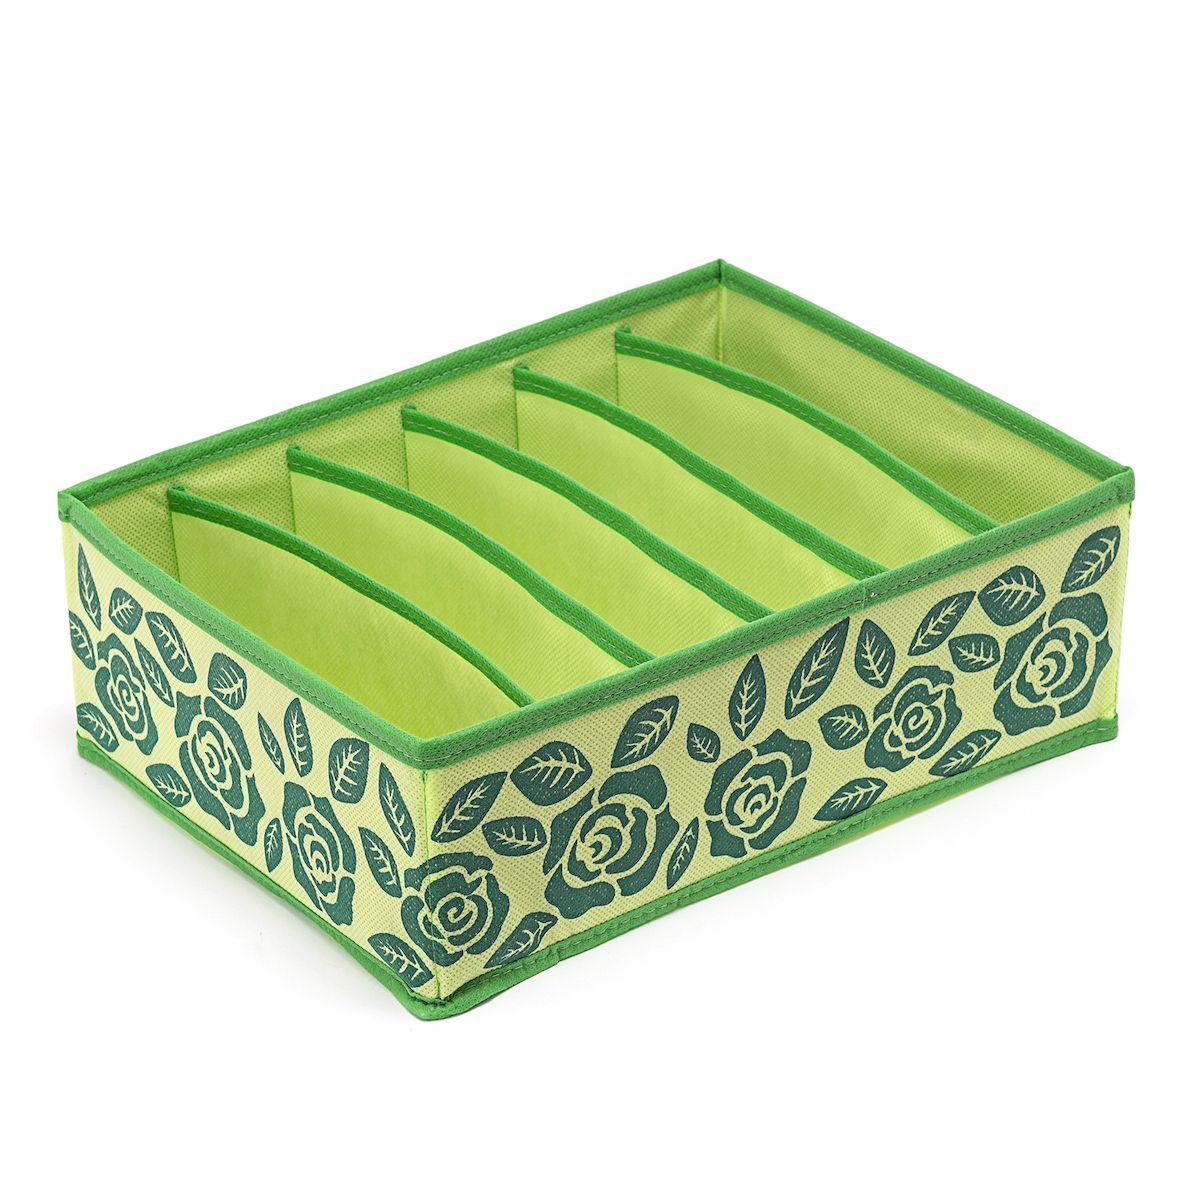 Органайзер для бюстгальтеров Homsu Green Flower, на 6 секций , 31х24х11 смHOM-381Прямоугольный и плоский органайзер с 6 раздельными ячейками 32см на 5см очень удобен для хранения вещей среднего размера в вашем ящике или на полке. Идеально для бюстгальтеров, нижнего белья и других вещей ежедневного пользования. Имеет жесткие борта, что является гарантией сохраности вещей. Фактический цвет может отличаться от заявленного. Размер изделия: 31x24x11см